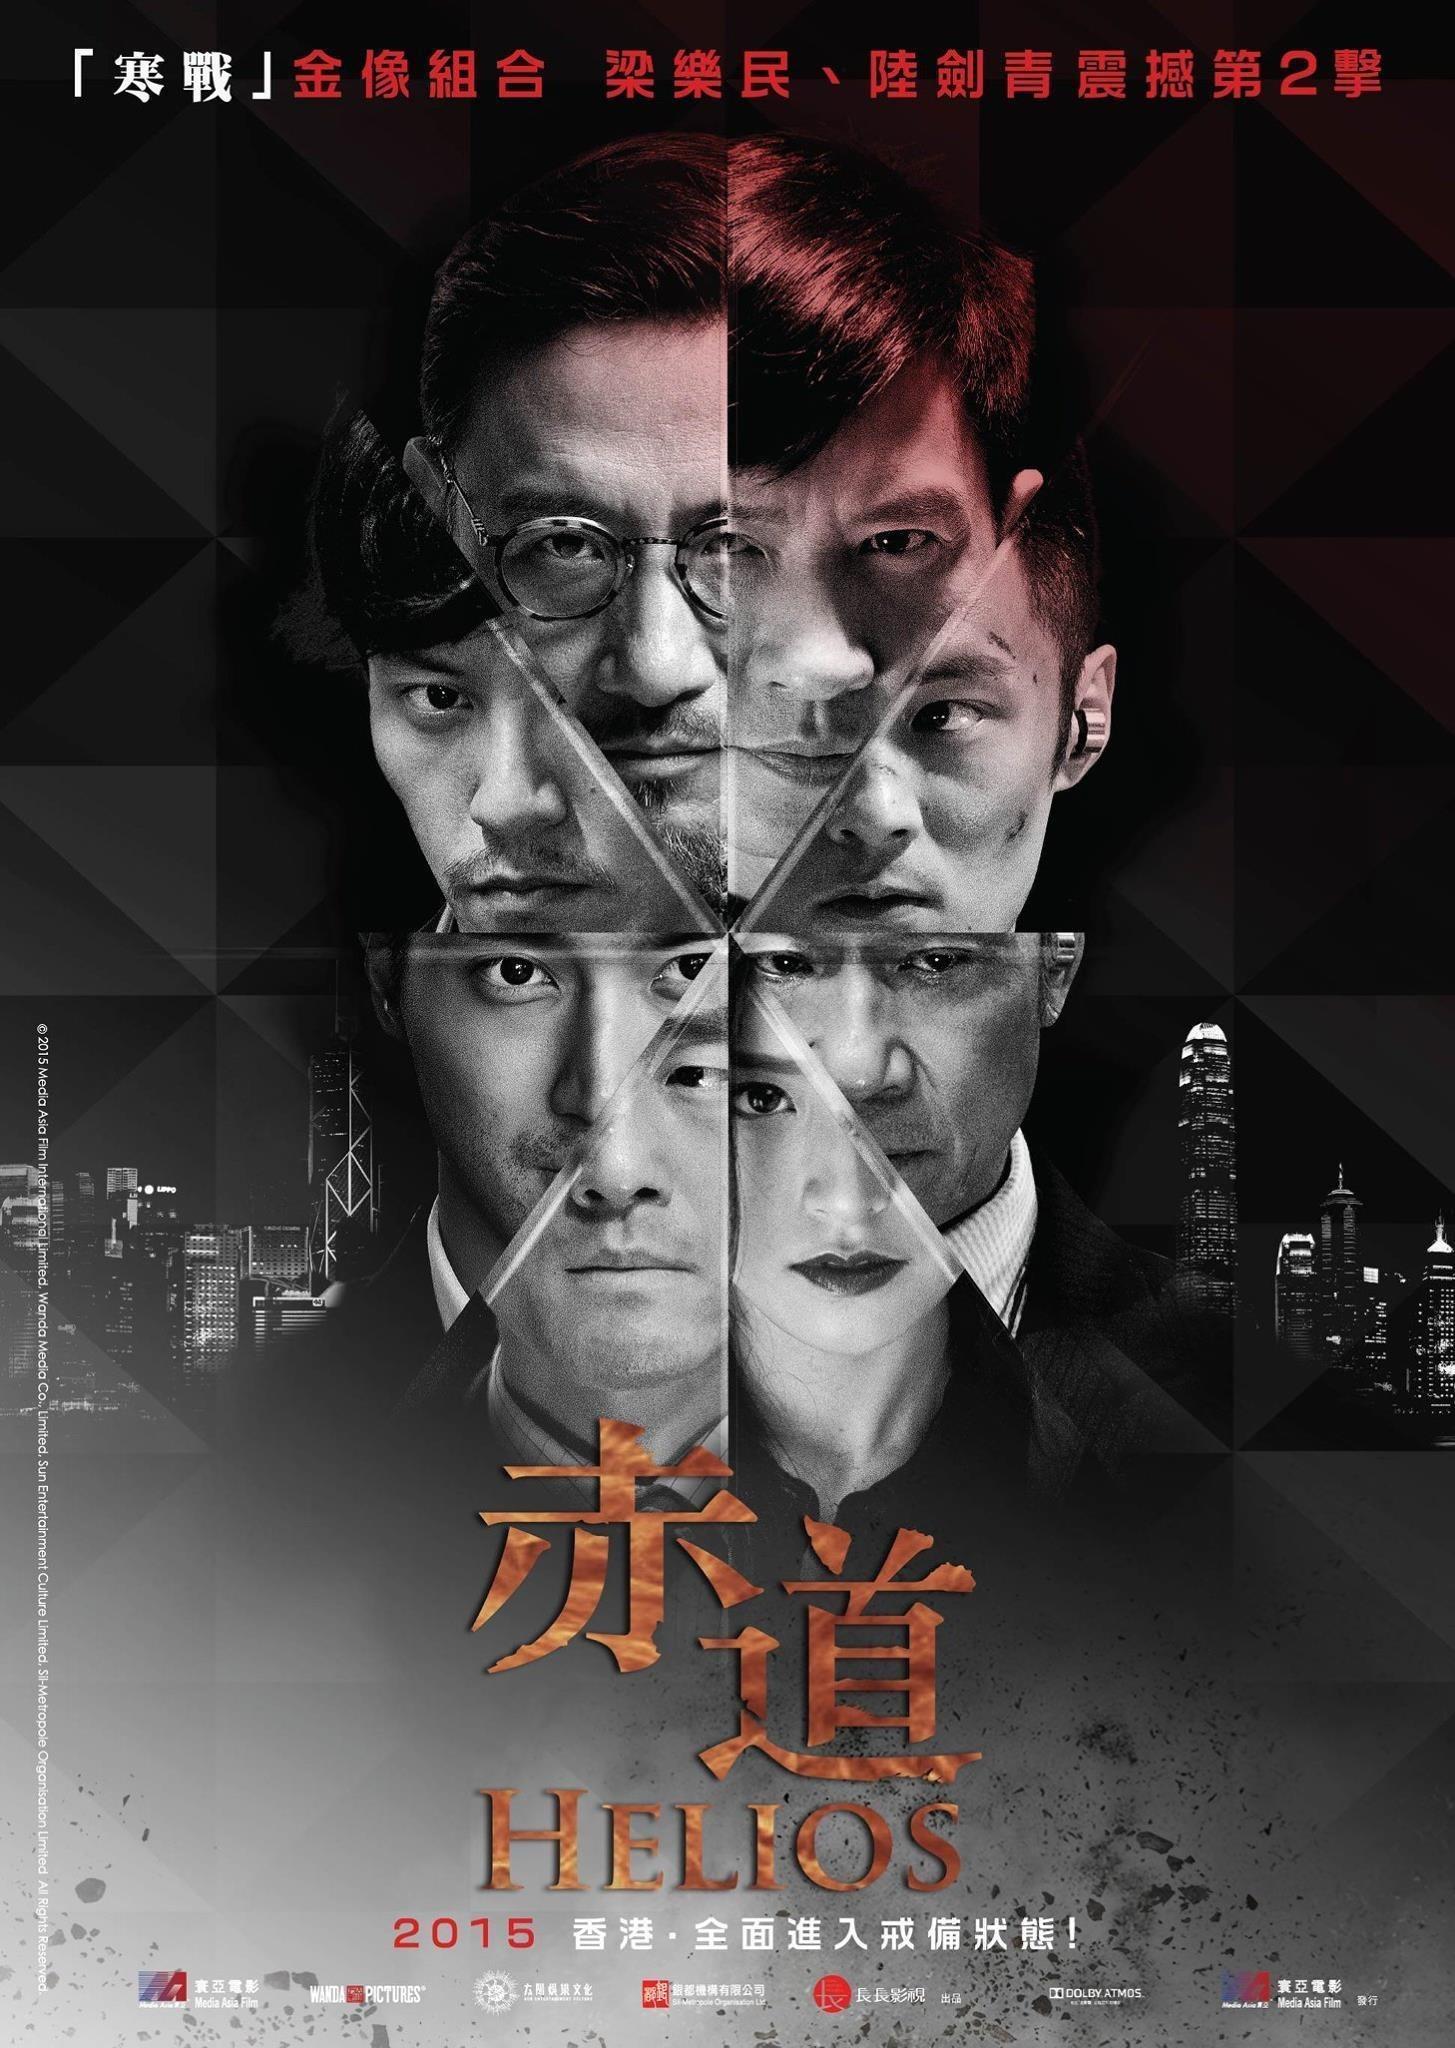 Helios (赤道) 2015